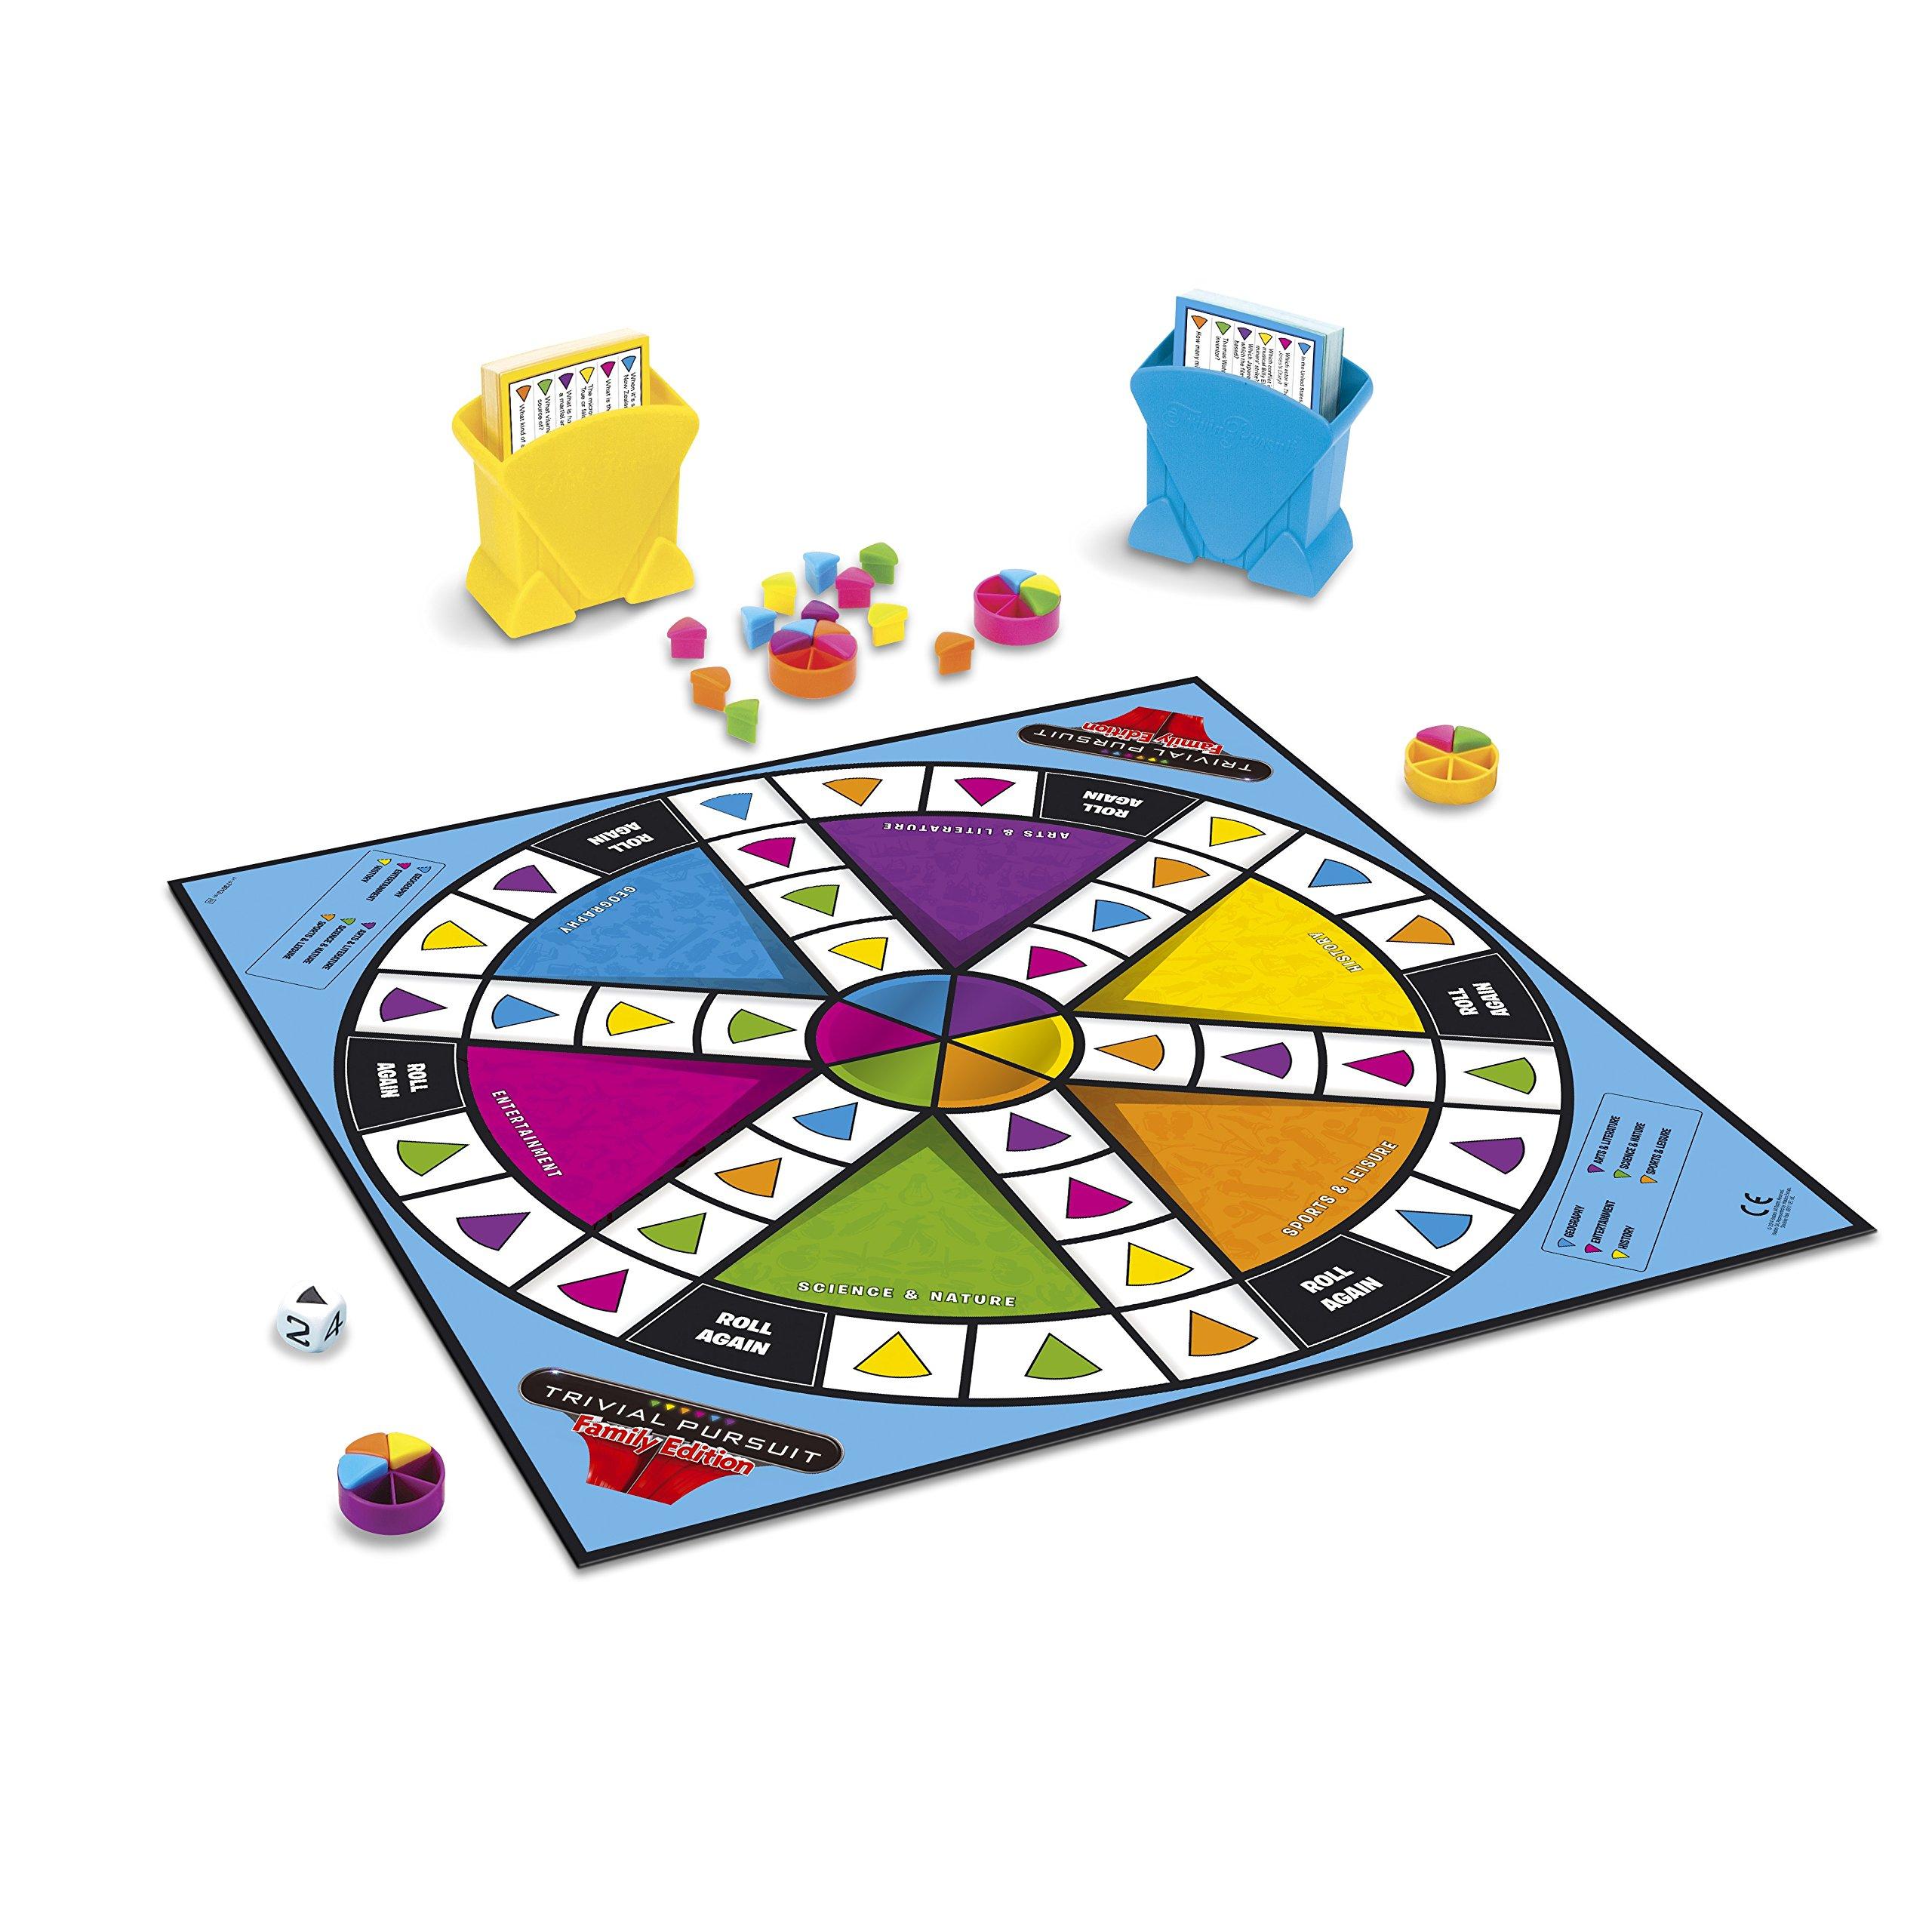 Hasbro Trivial Pursuit Family Edition Juego de Mesa (Idioma español no garantizado): Amazon.es: Juguetes y juegos